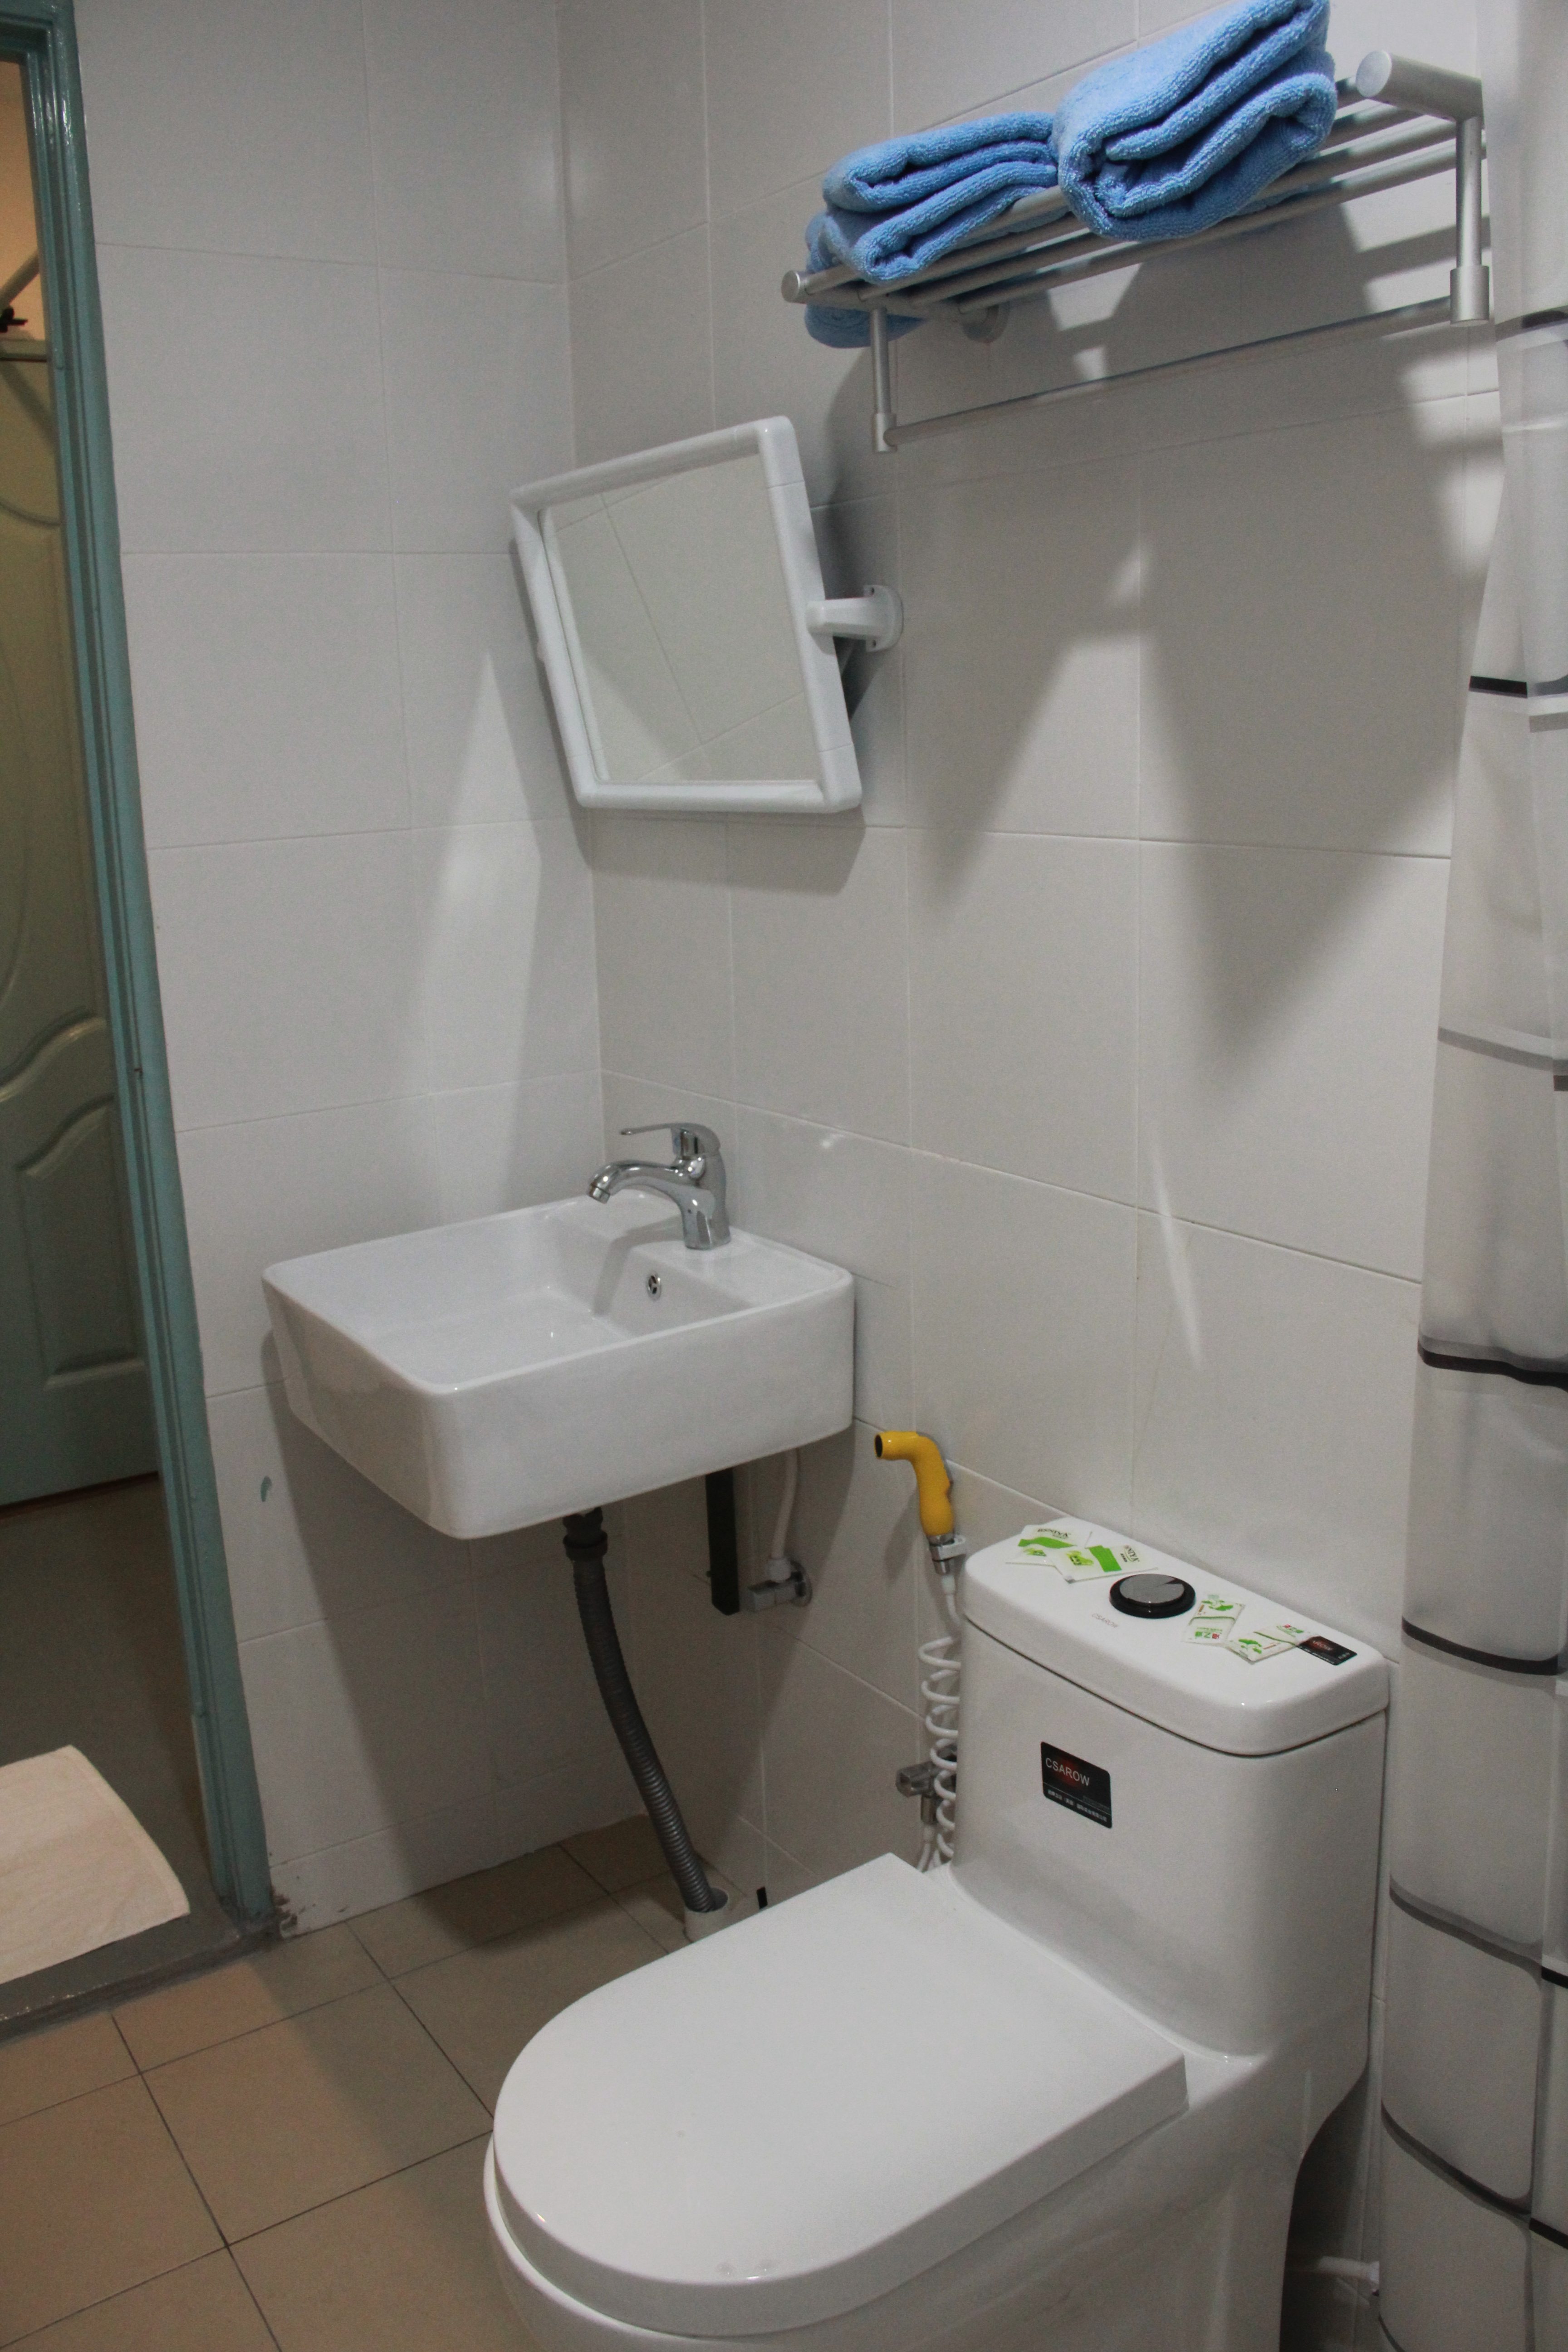 Clean Bathroom & Toilet